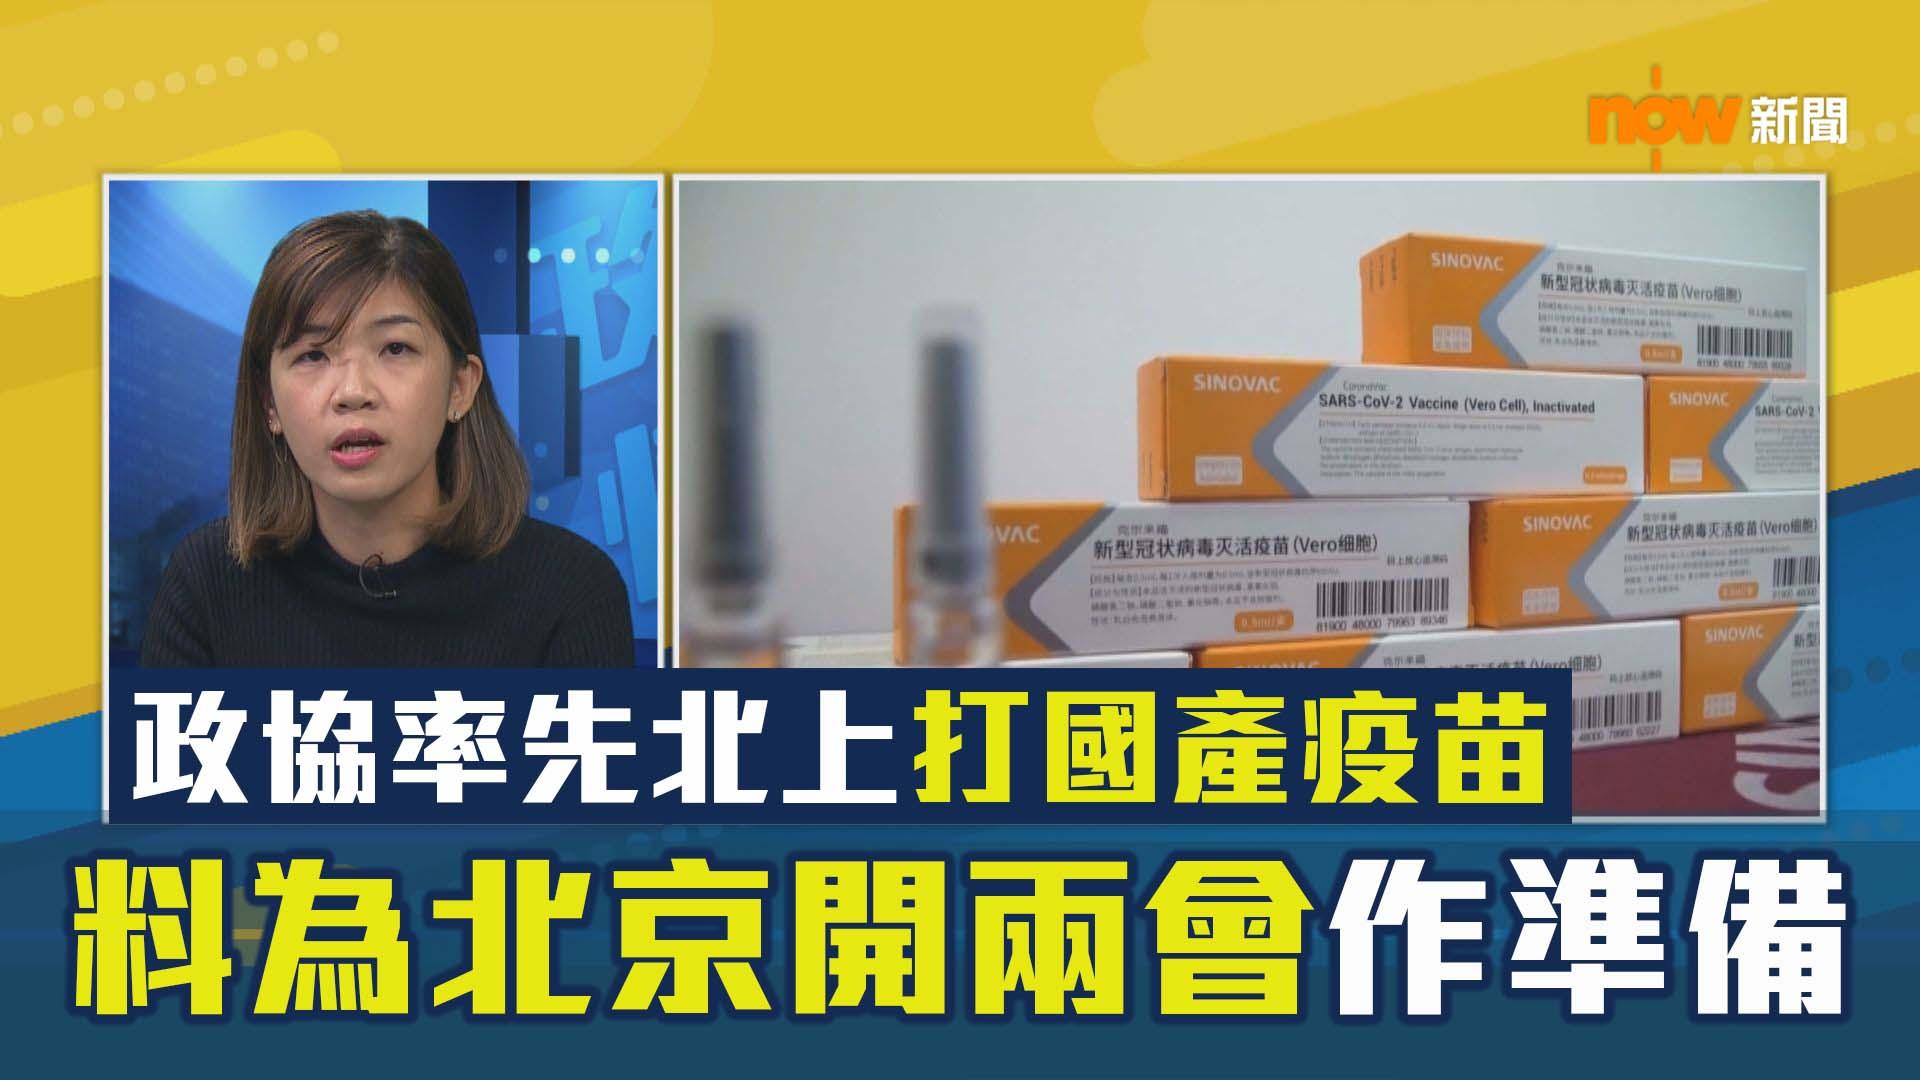 【政情】政協率先北上打國產疫苗 料為北京開兩會作準備